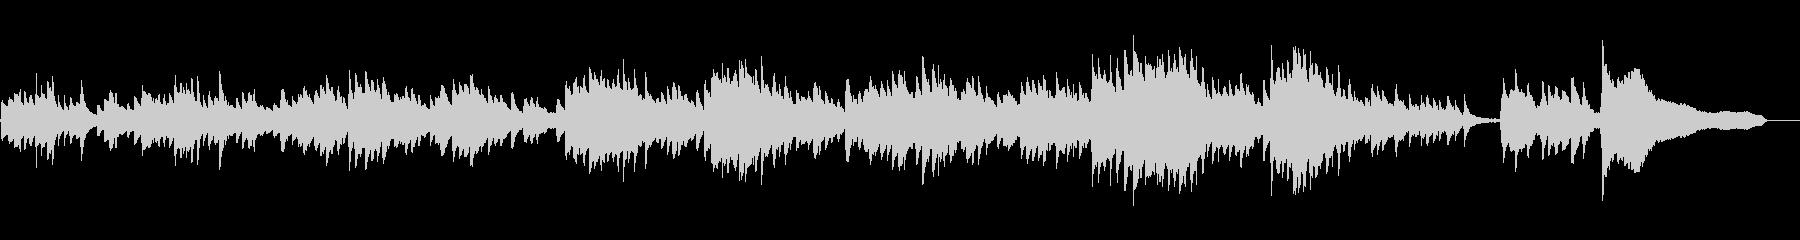 ヒーリング・ソロピアノの叙情的メロディの未再生の波形